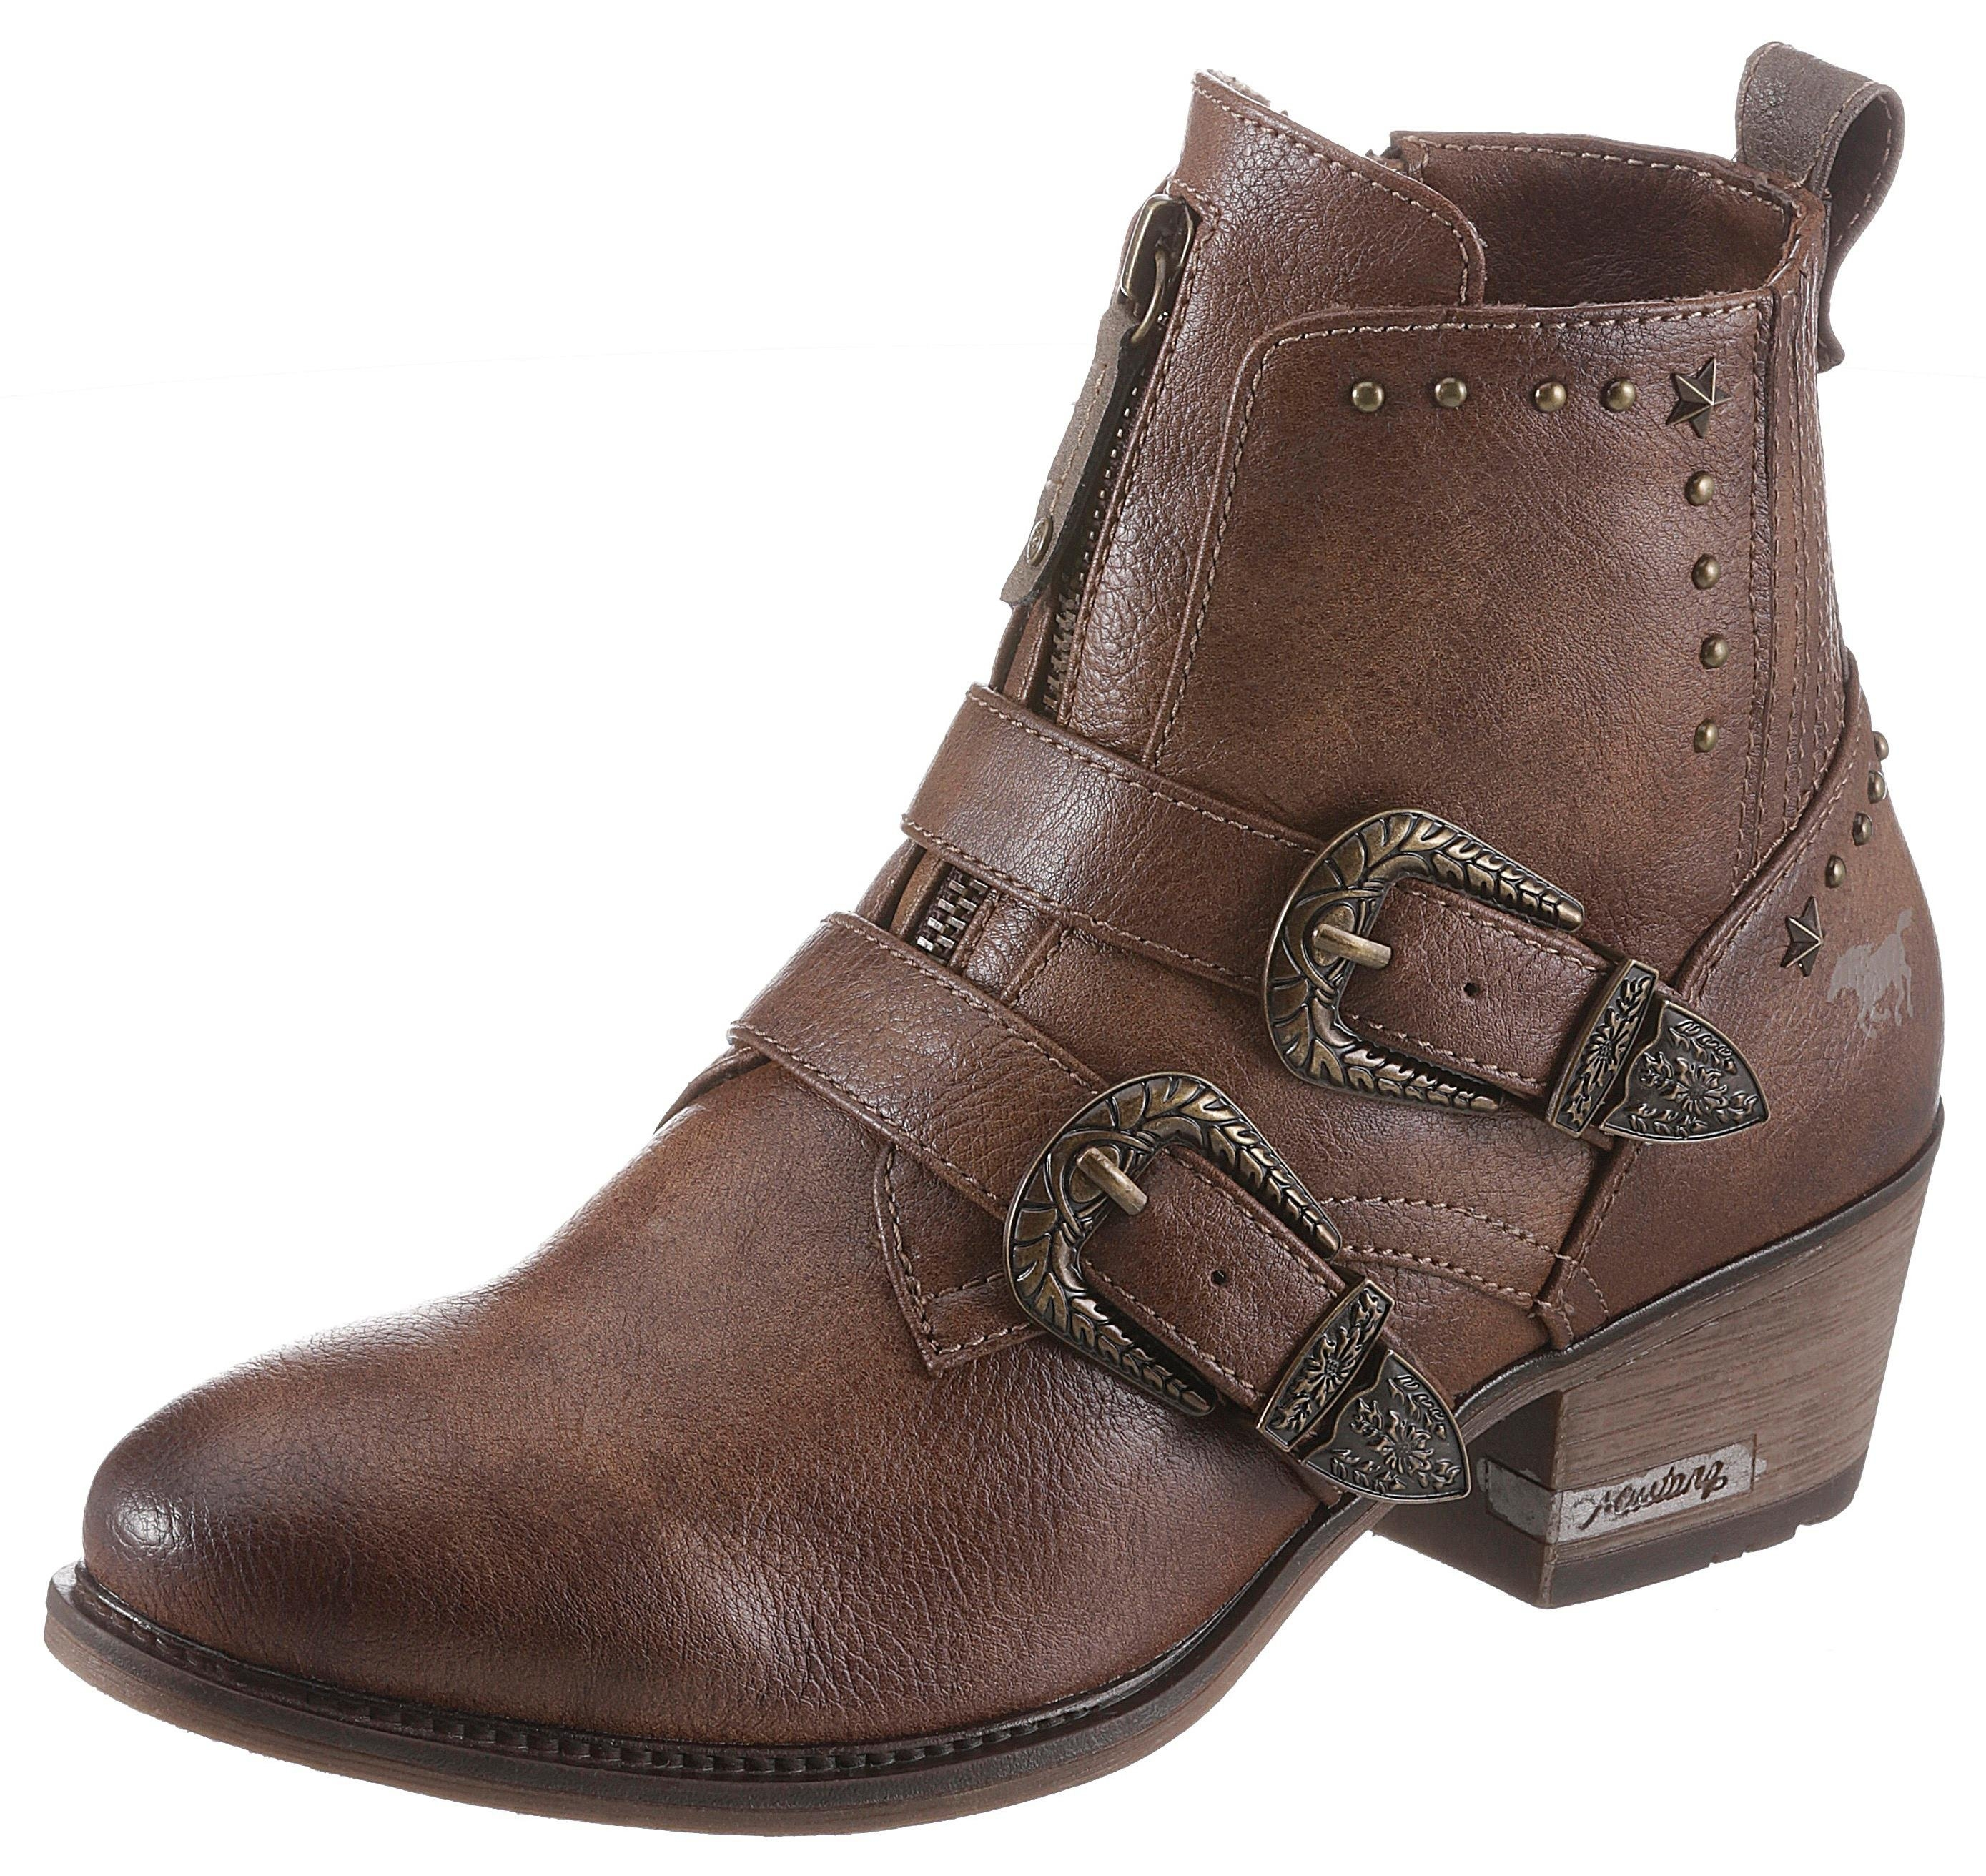 Mustang Shoes cowboylaarsjes voordelig en veilig online kopen